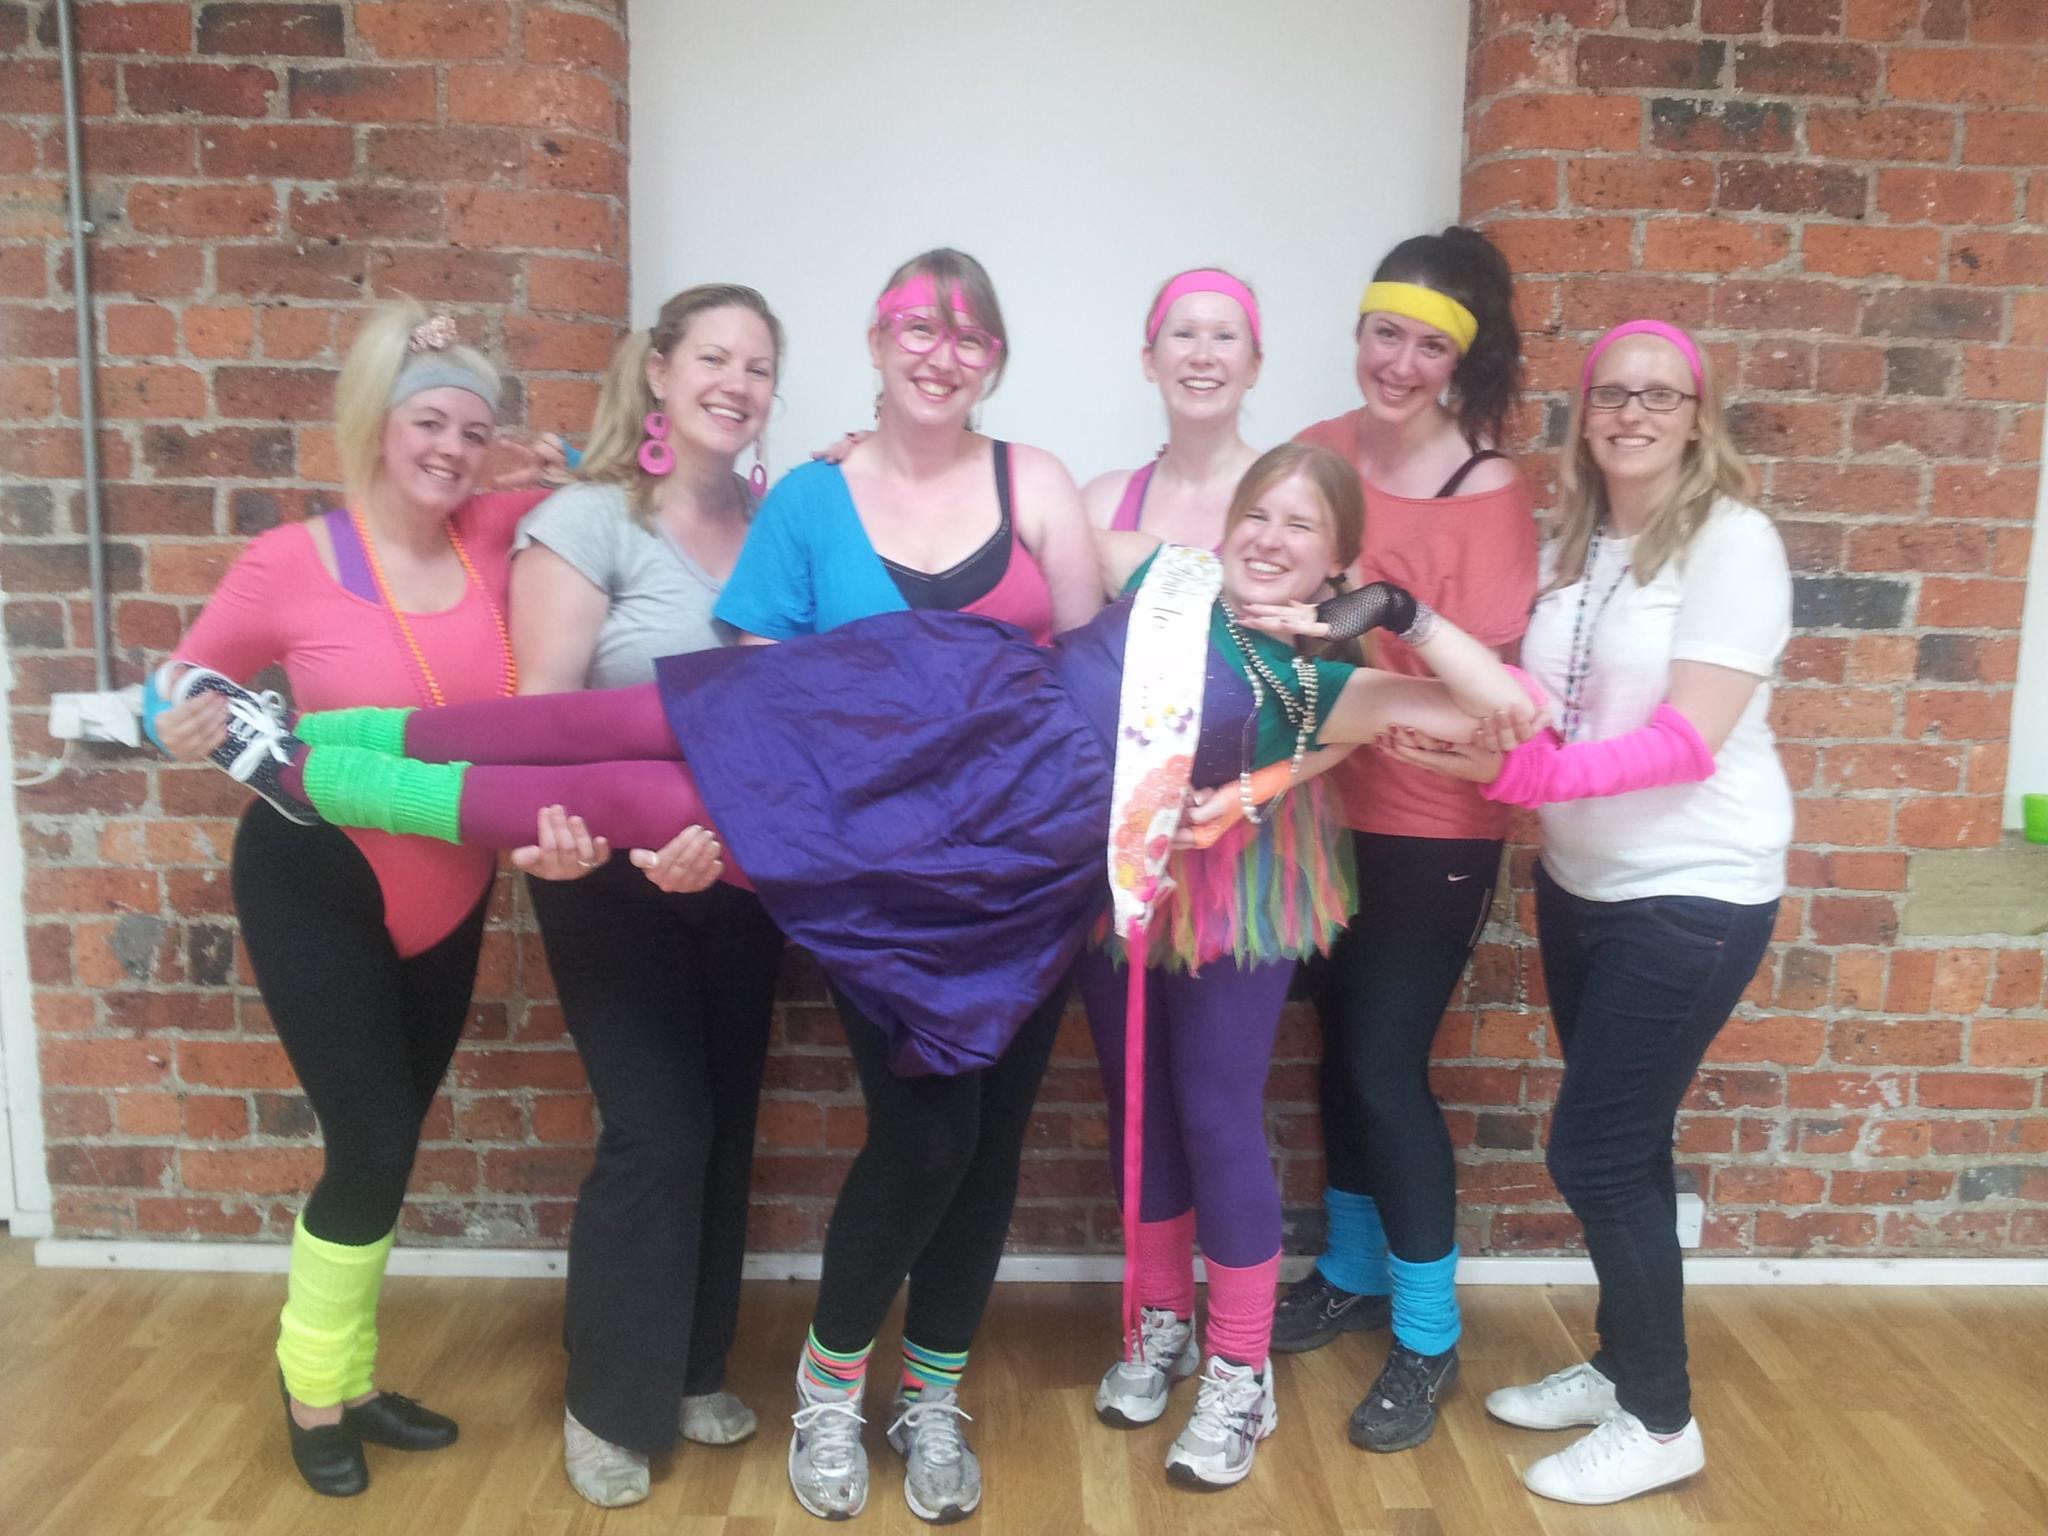 Hen Dance class in Leeds